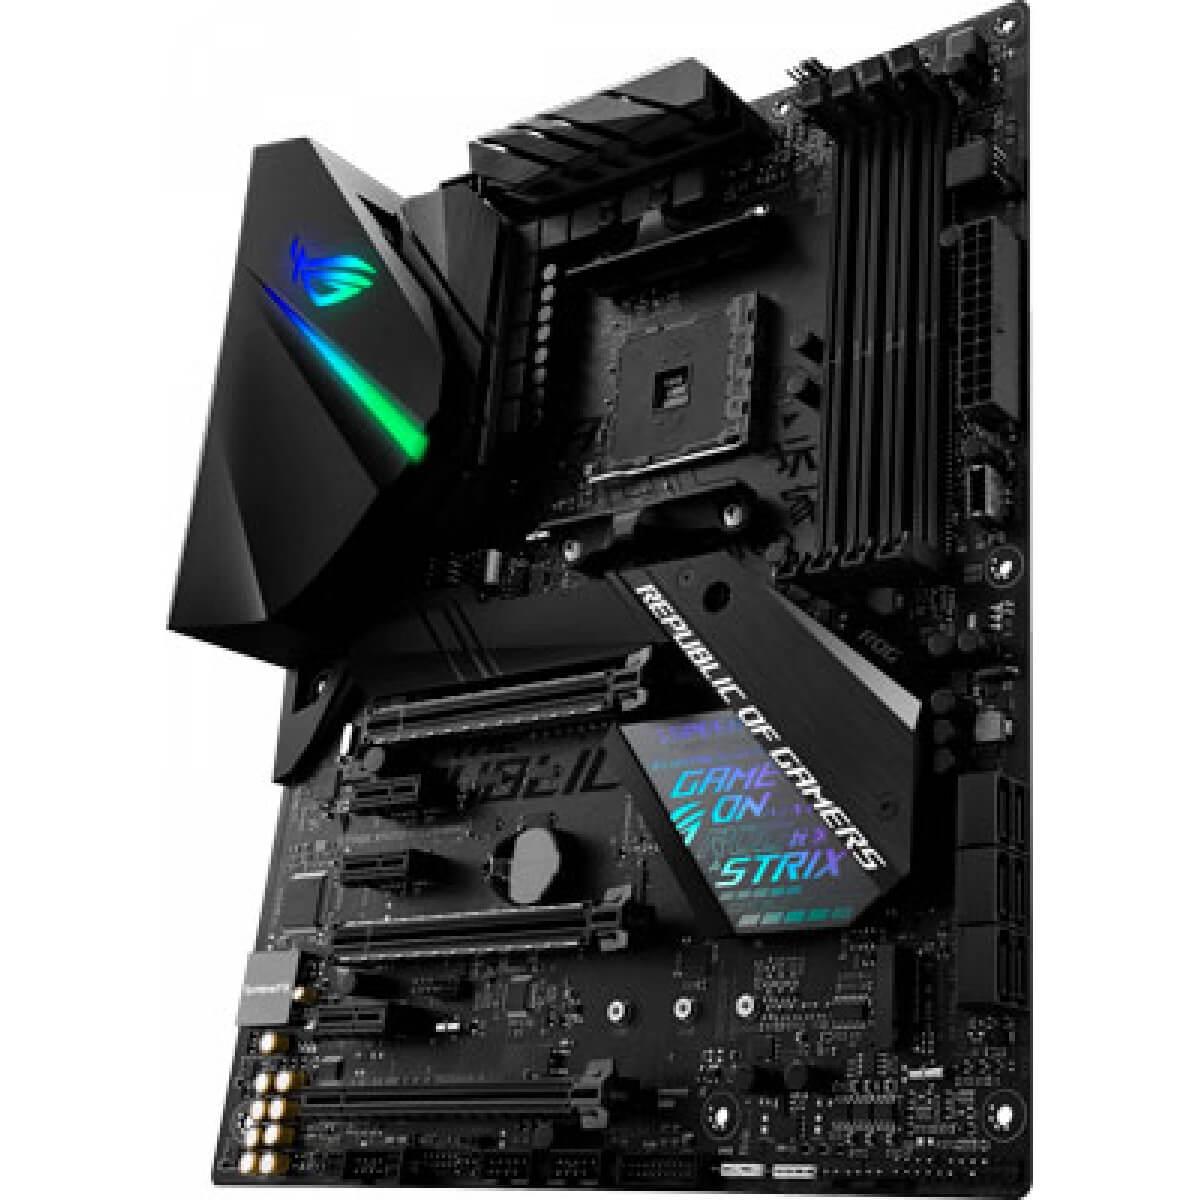 Kit Upgrade Gamer X470 F Gaming + Ryzen 5 2400G + 8GB DDR4